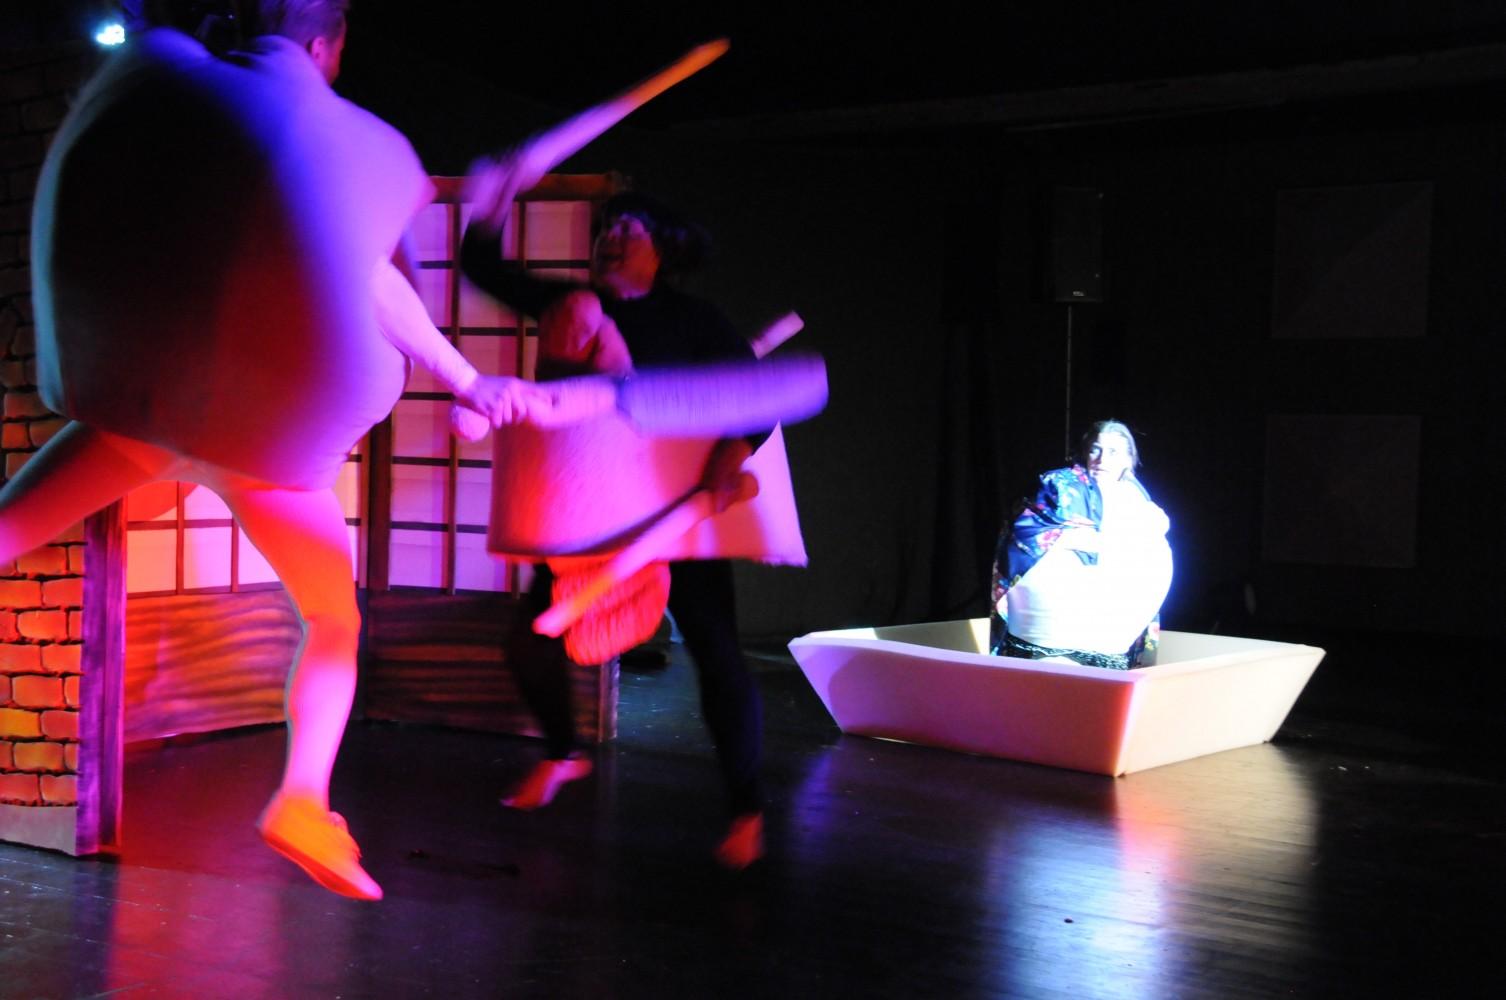 Tre personen på scenen i kostyme. To karakterer som er i kamp, og en som sitter spent å ser på. Foto.